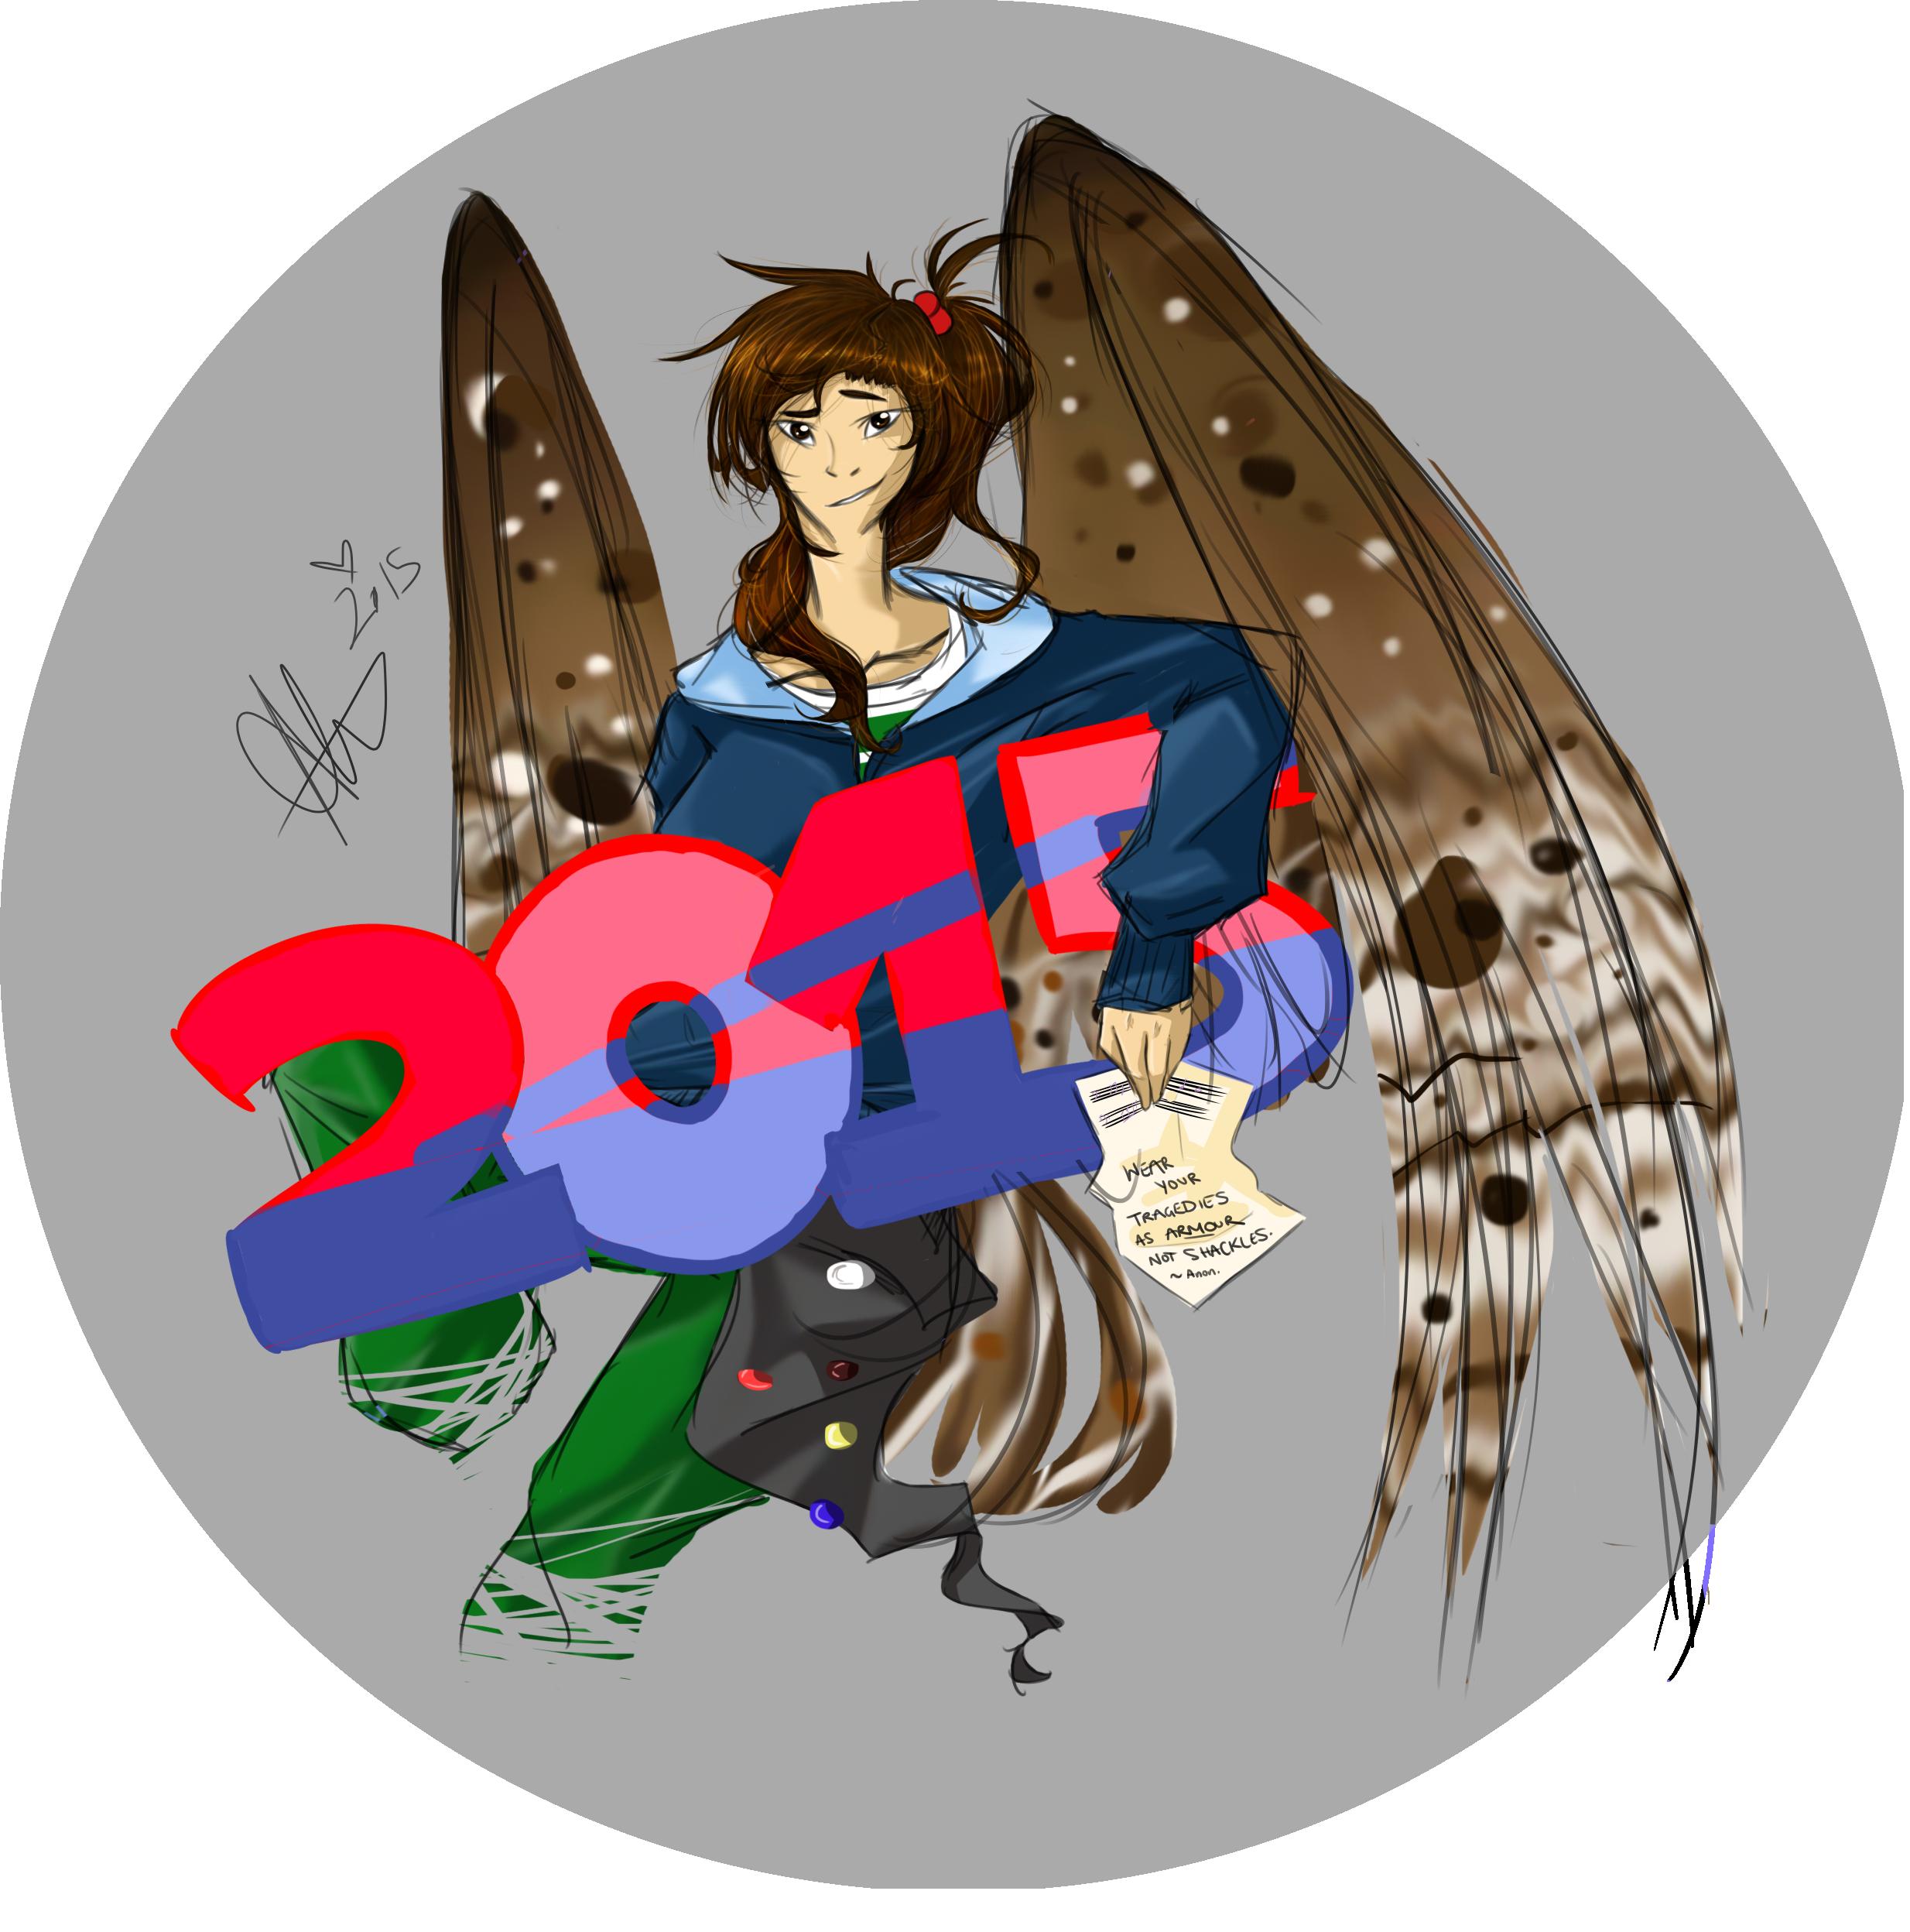 Onigiri-DragonBoat's Profile Picture